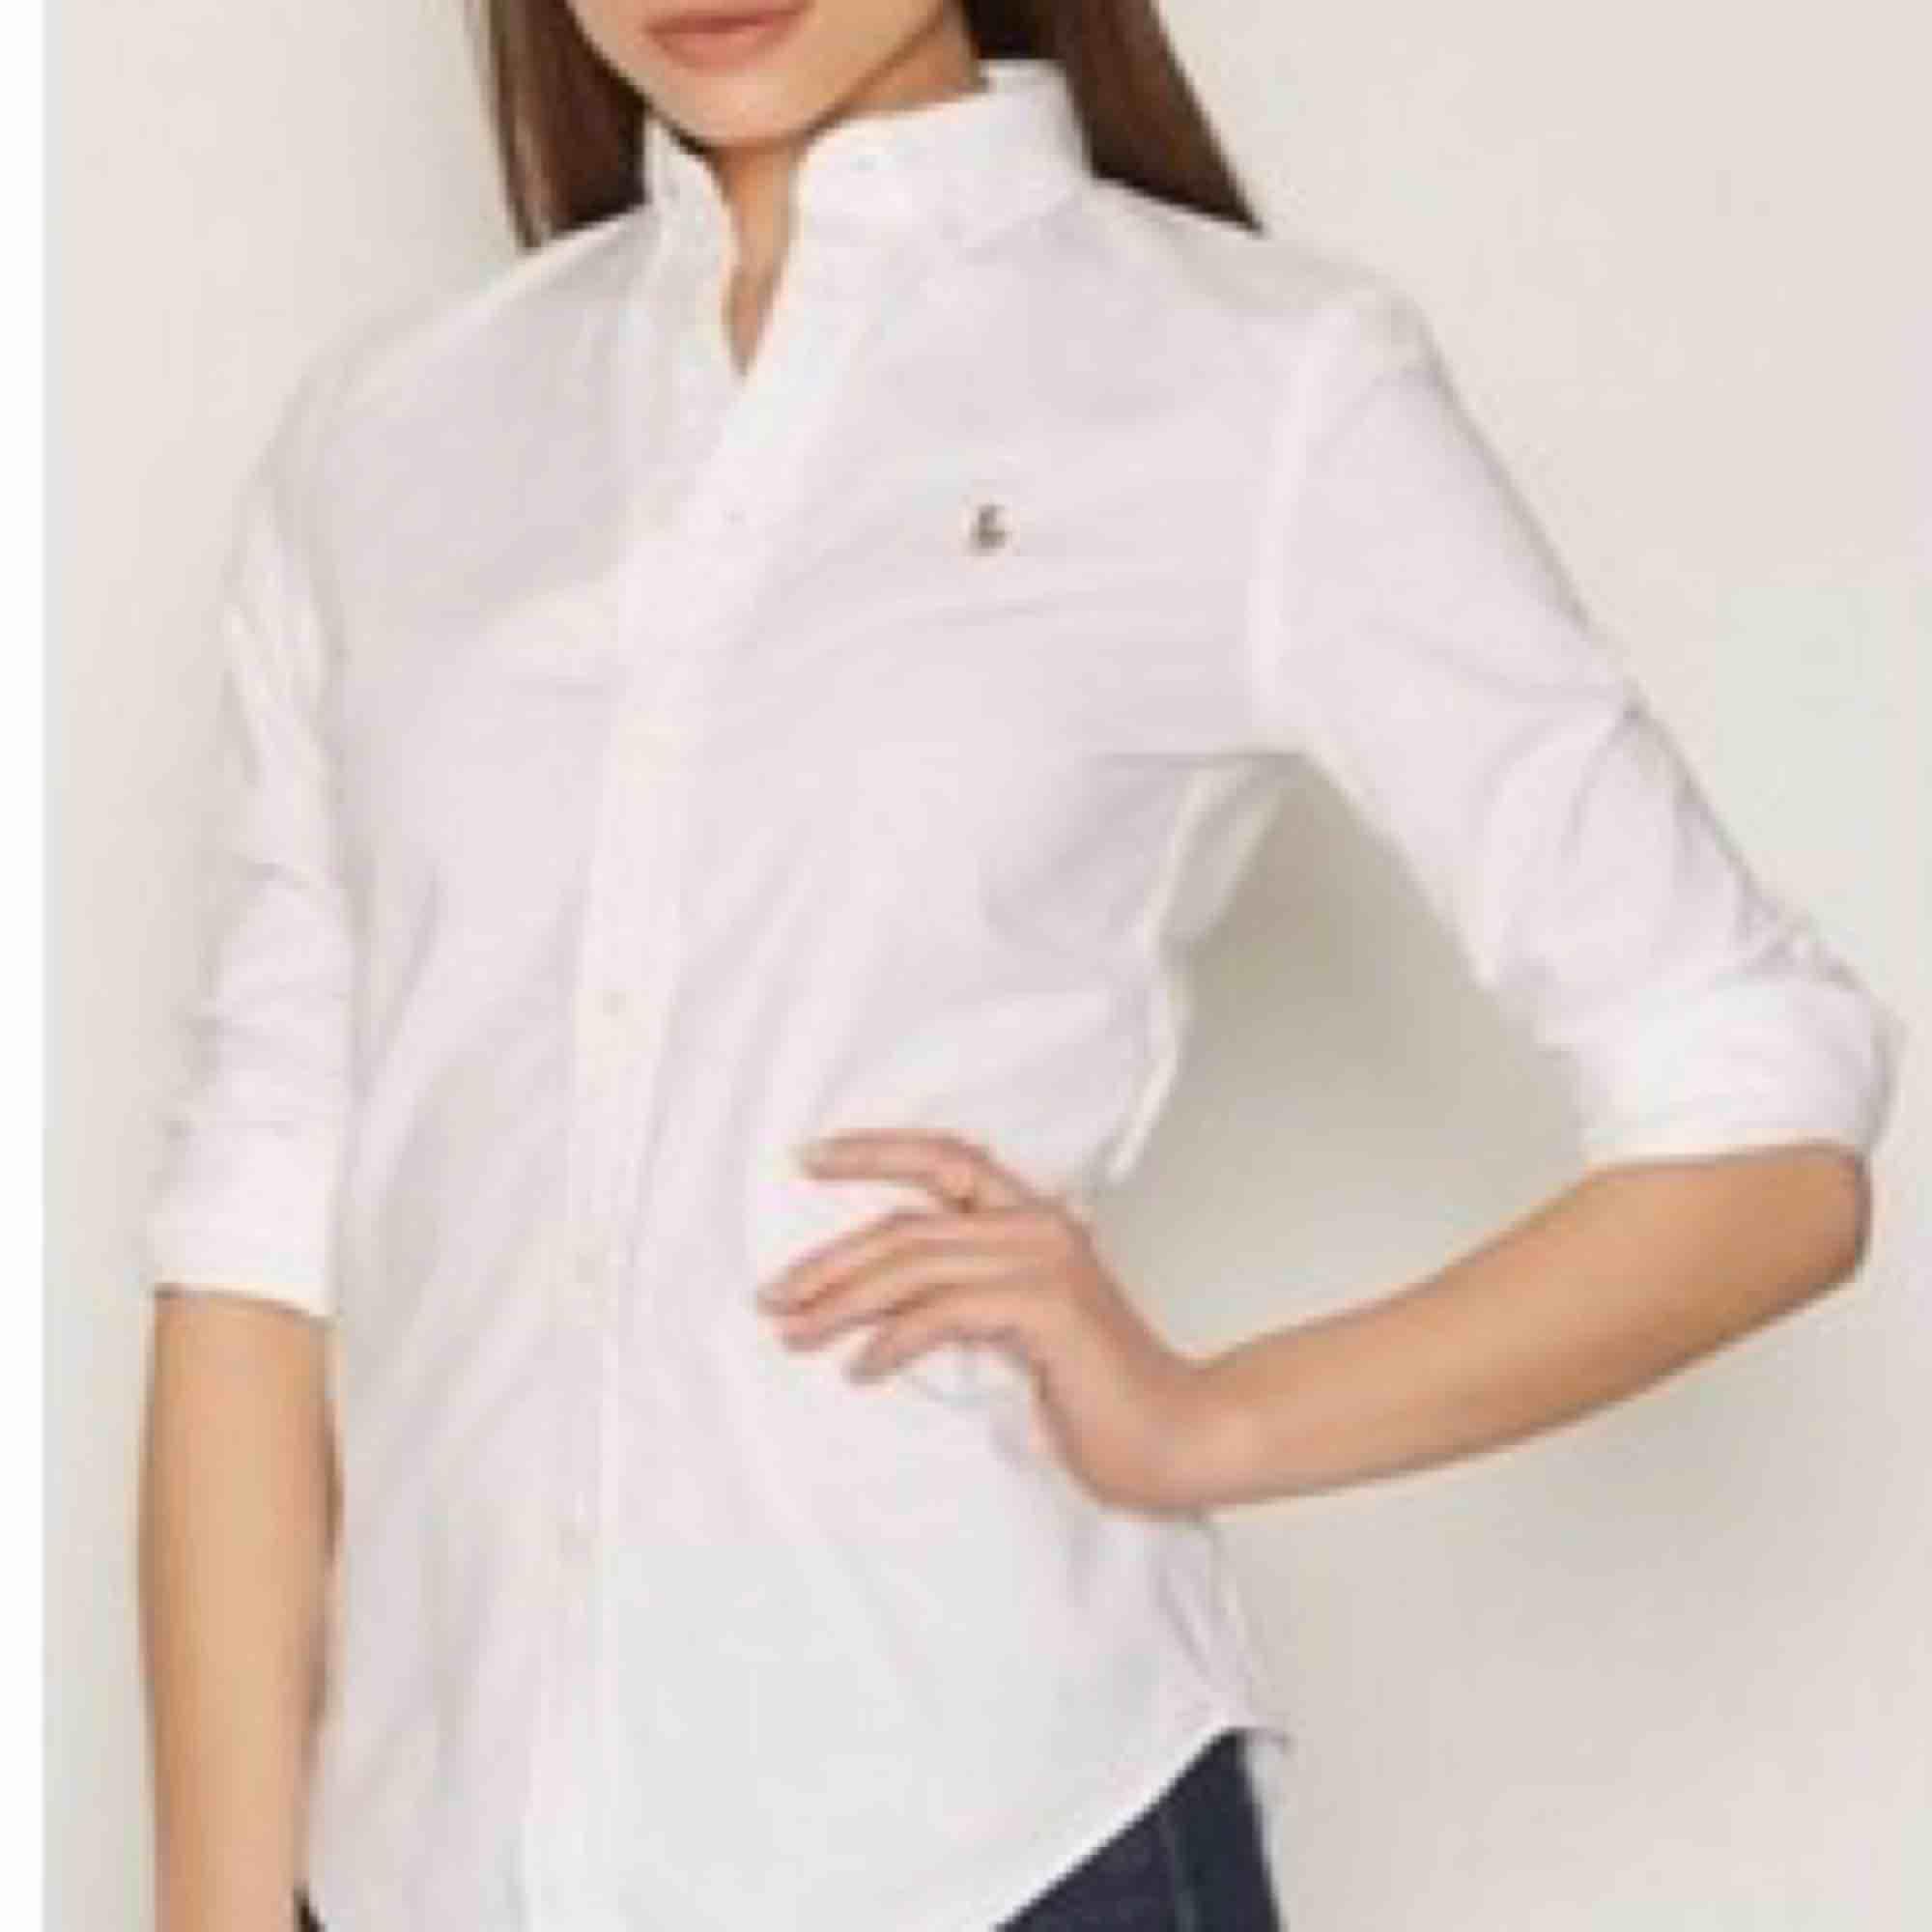 Säljer min skjorta från Ralph lauren i storlek 2, motsvarar en Xs/s. Säljes för 400kr inkl frakt . Skjortor.